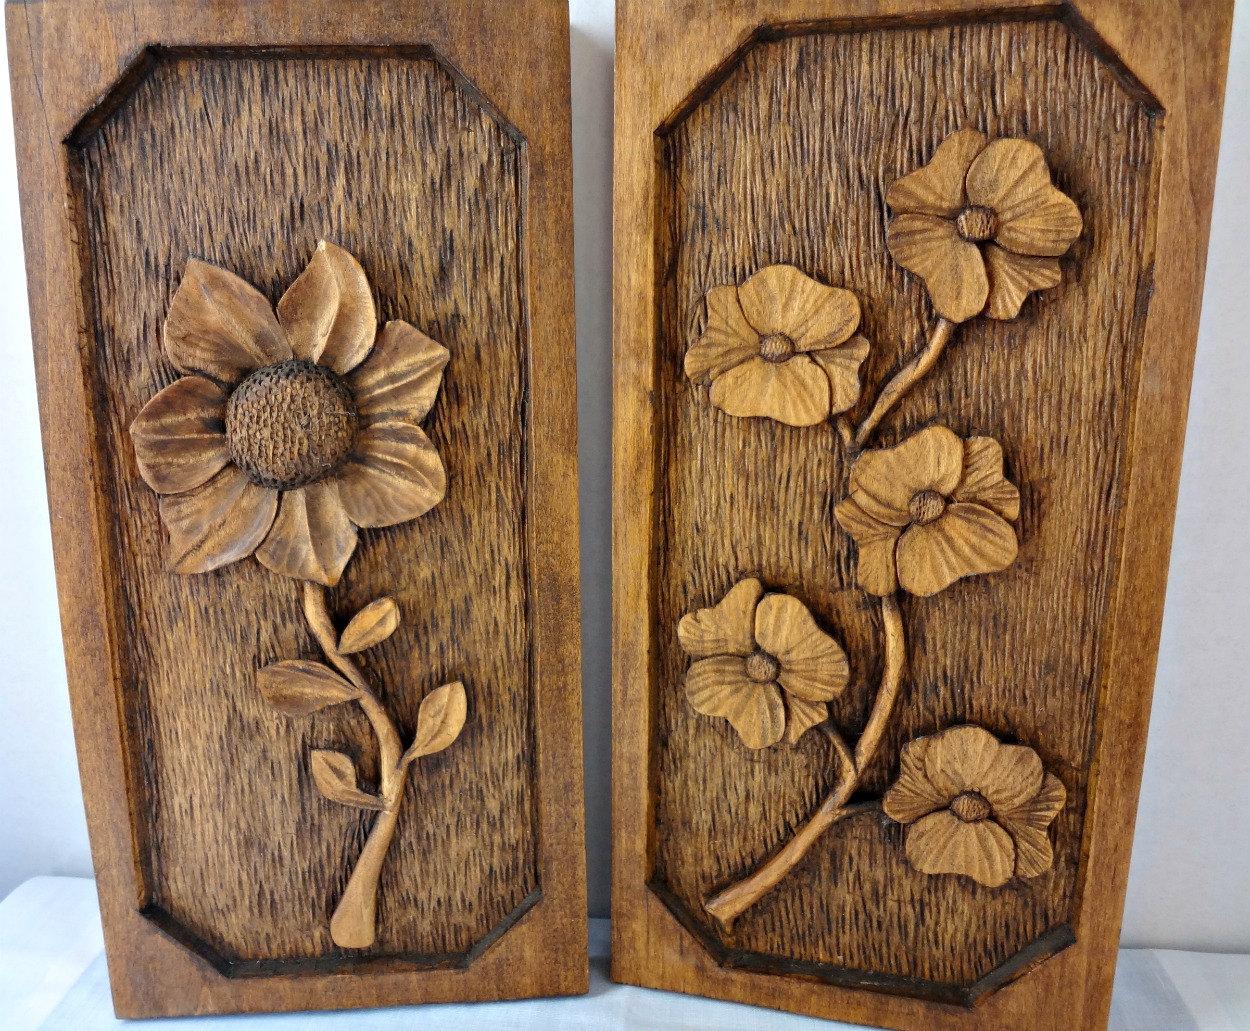 Wood Carving Designs Flowers